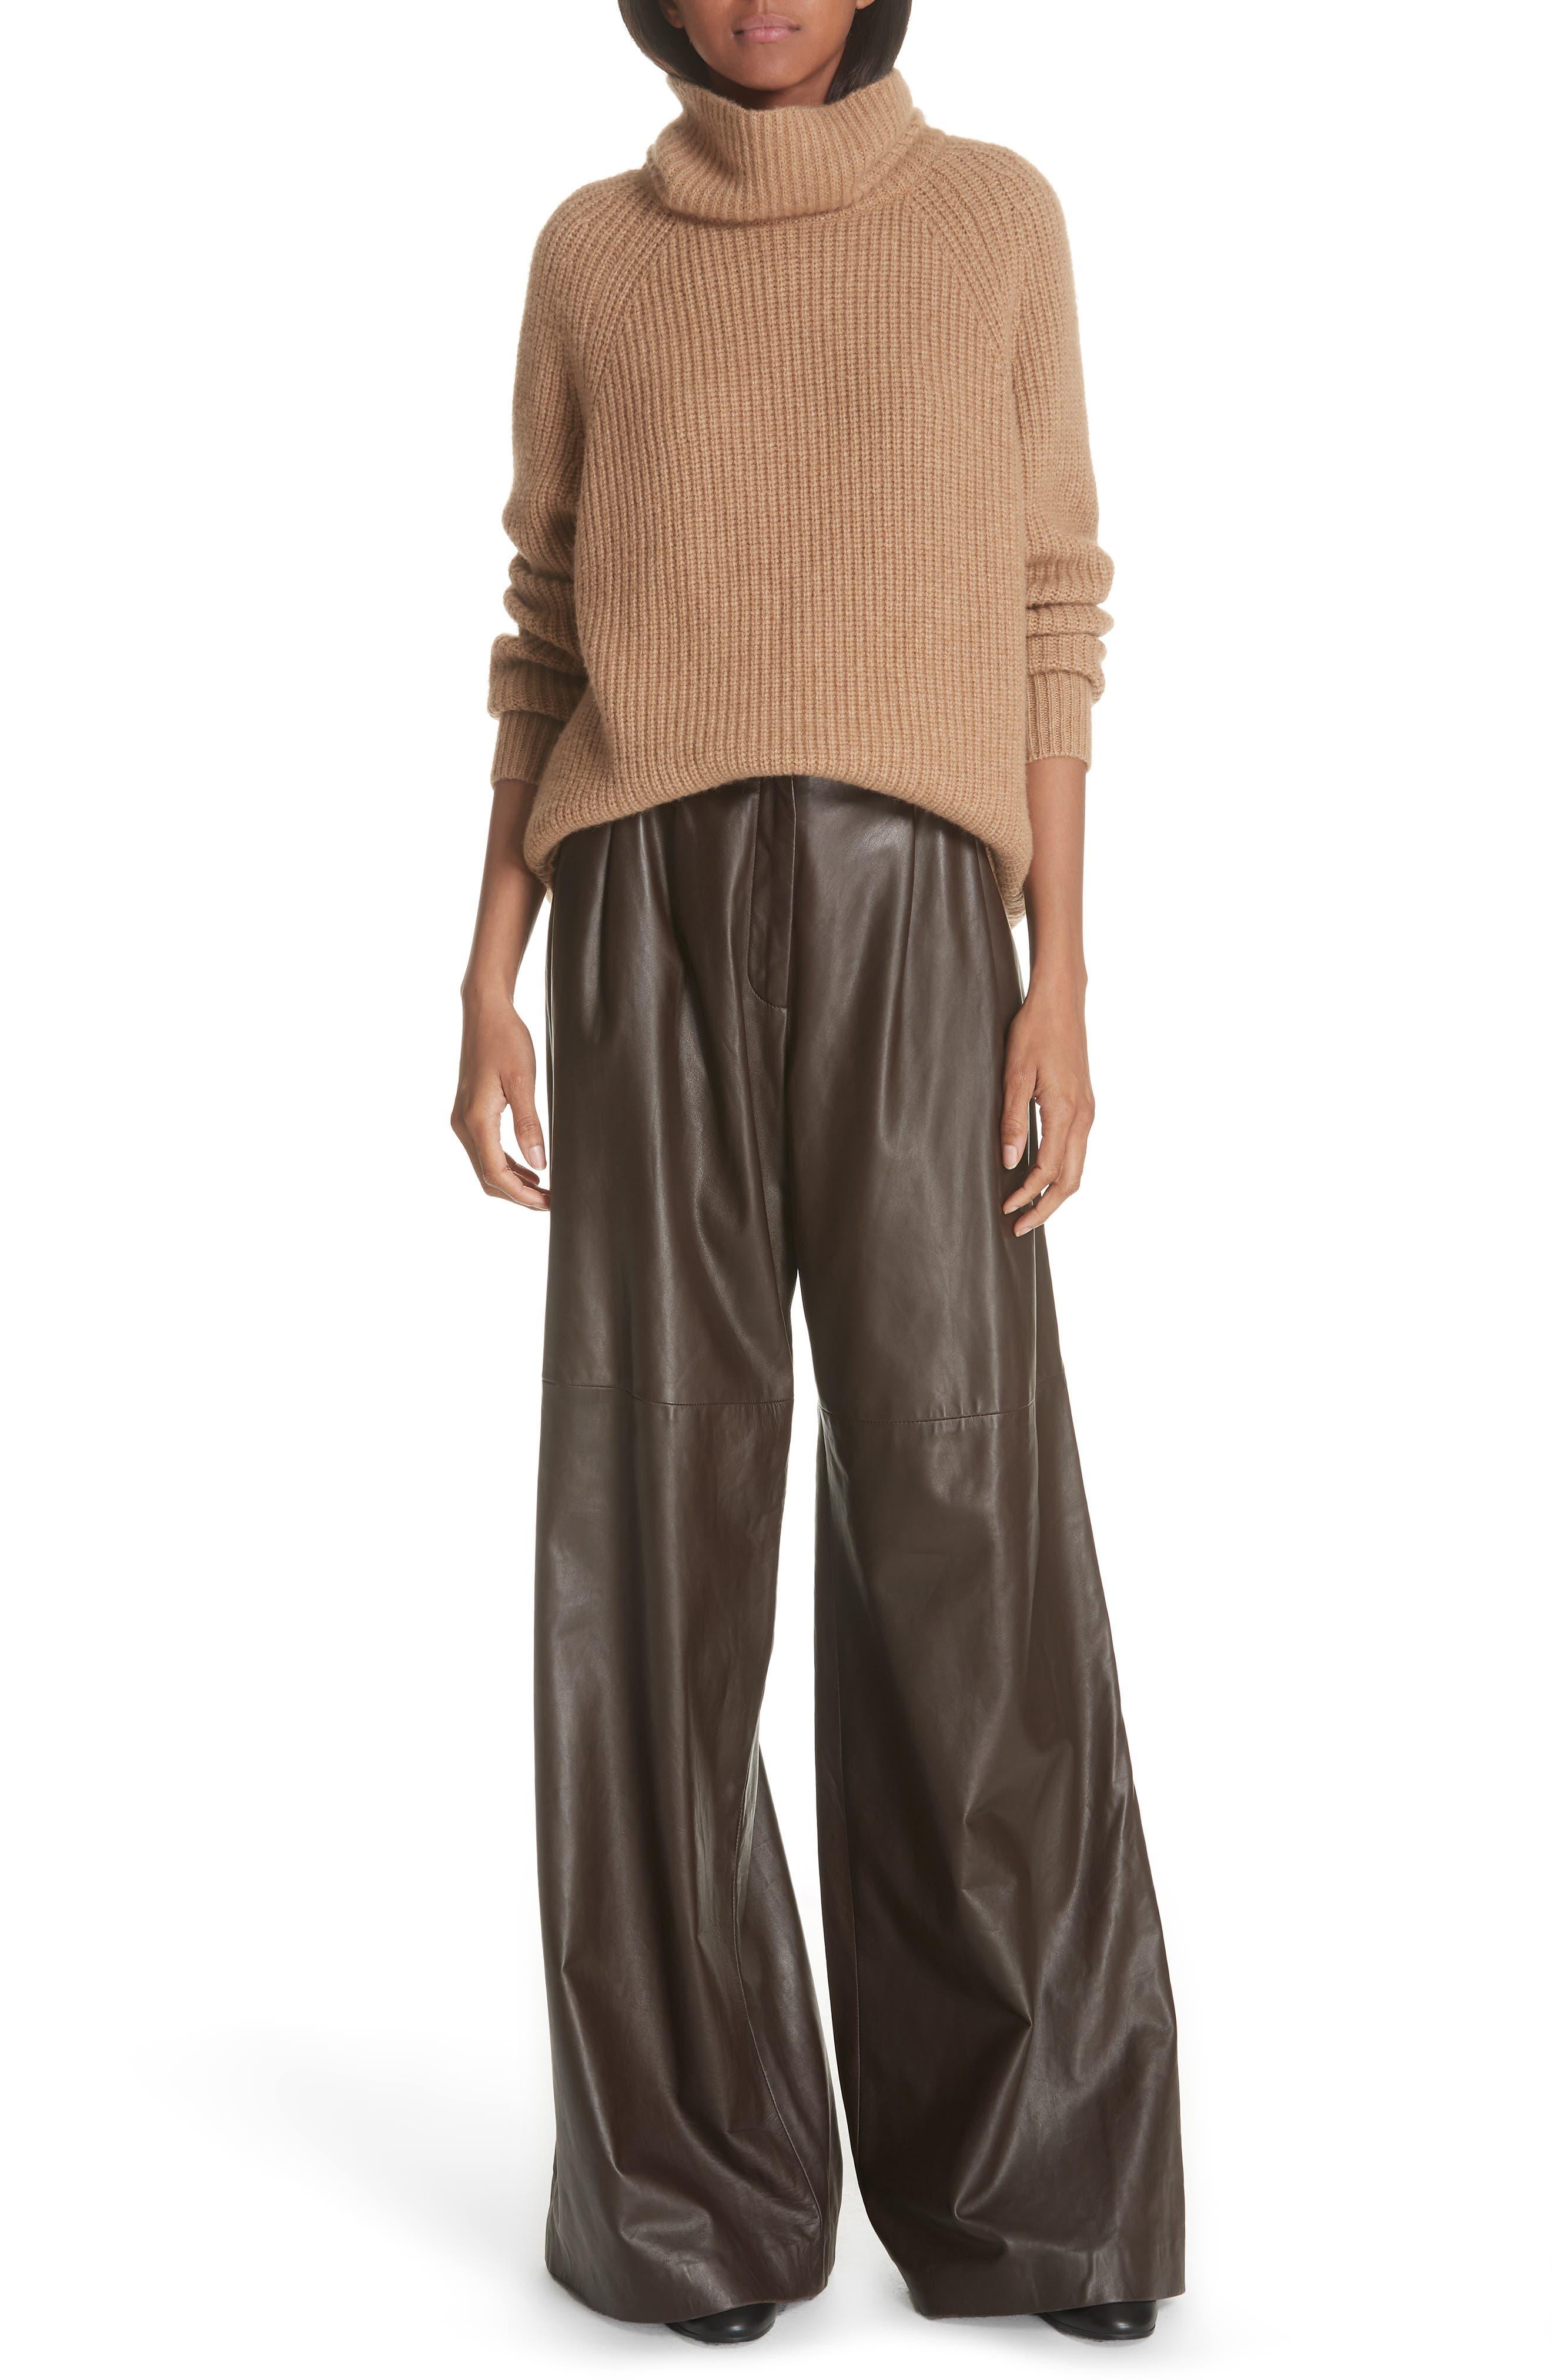 NILI LOTAN,                             Anitra Rib Knit Turtleneck Sweater,                             Alternate thumbnail 6, color,                             261